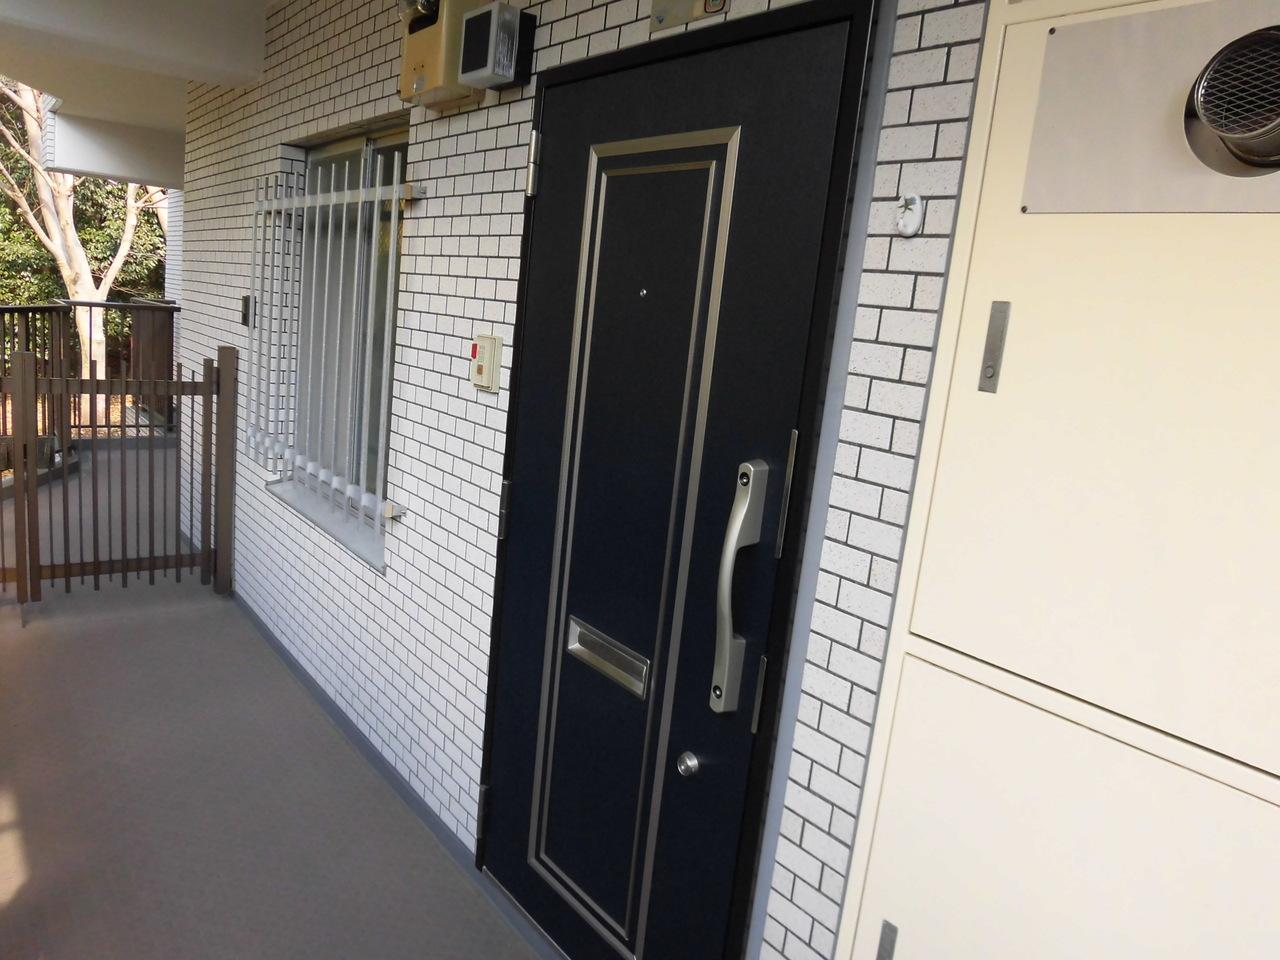 H27年9月大規模修繕工事実施済み!玄関ドアも安心のディンプルキー!